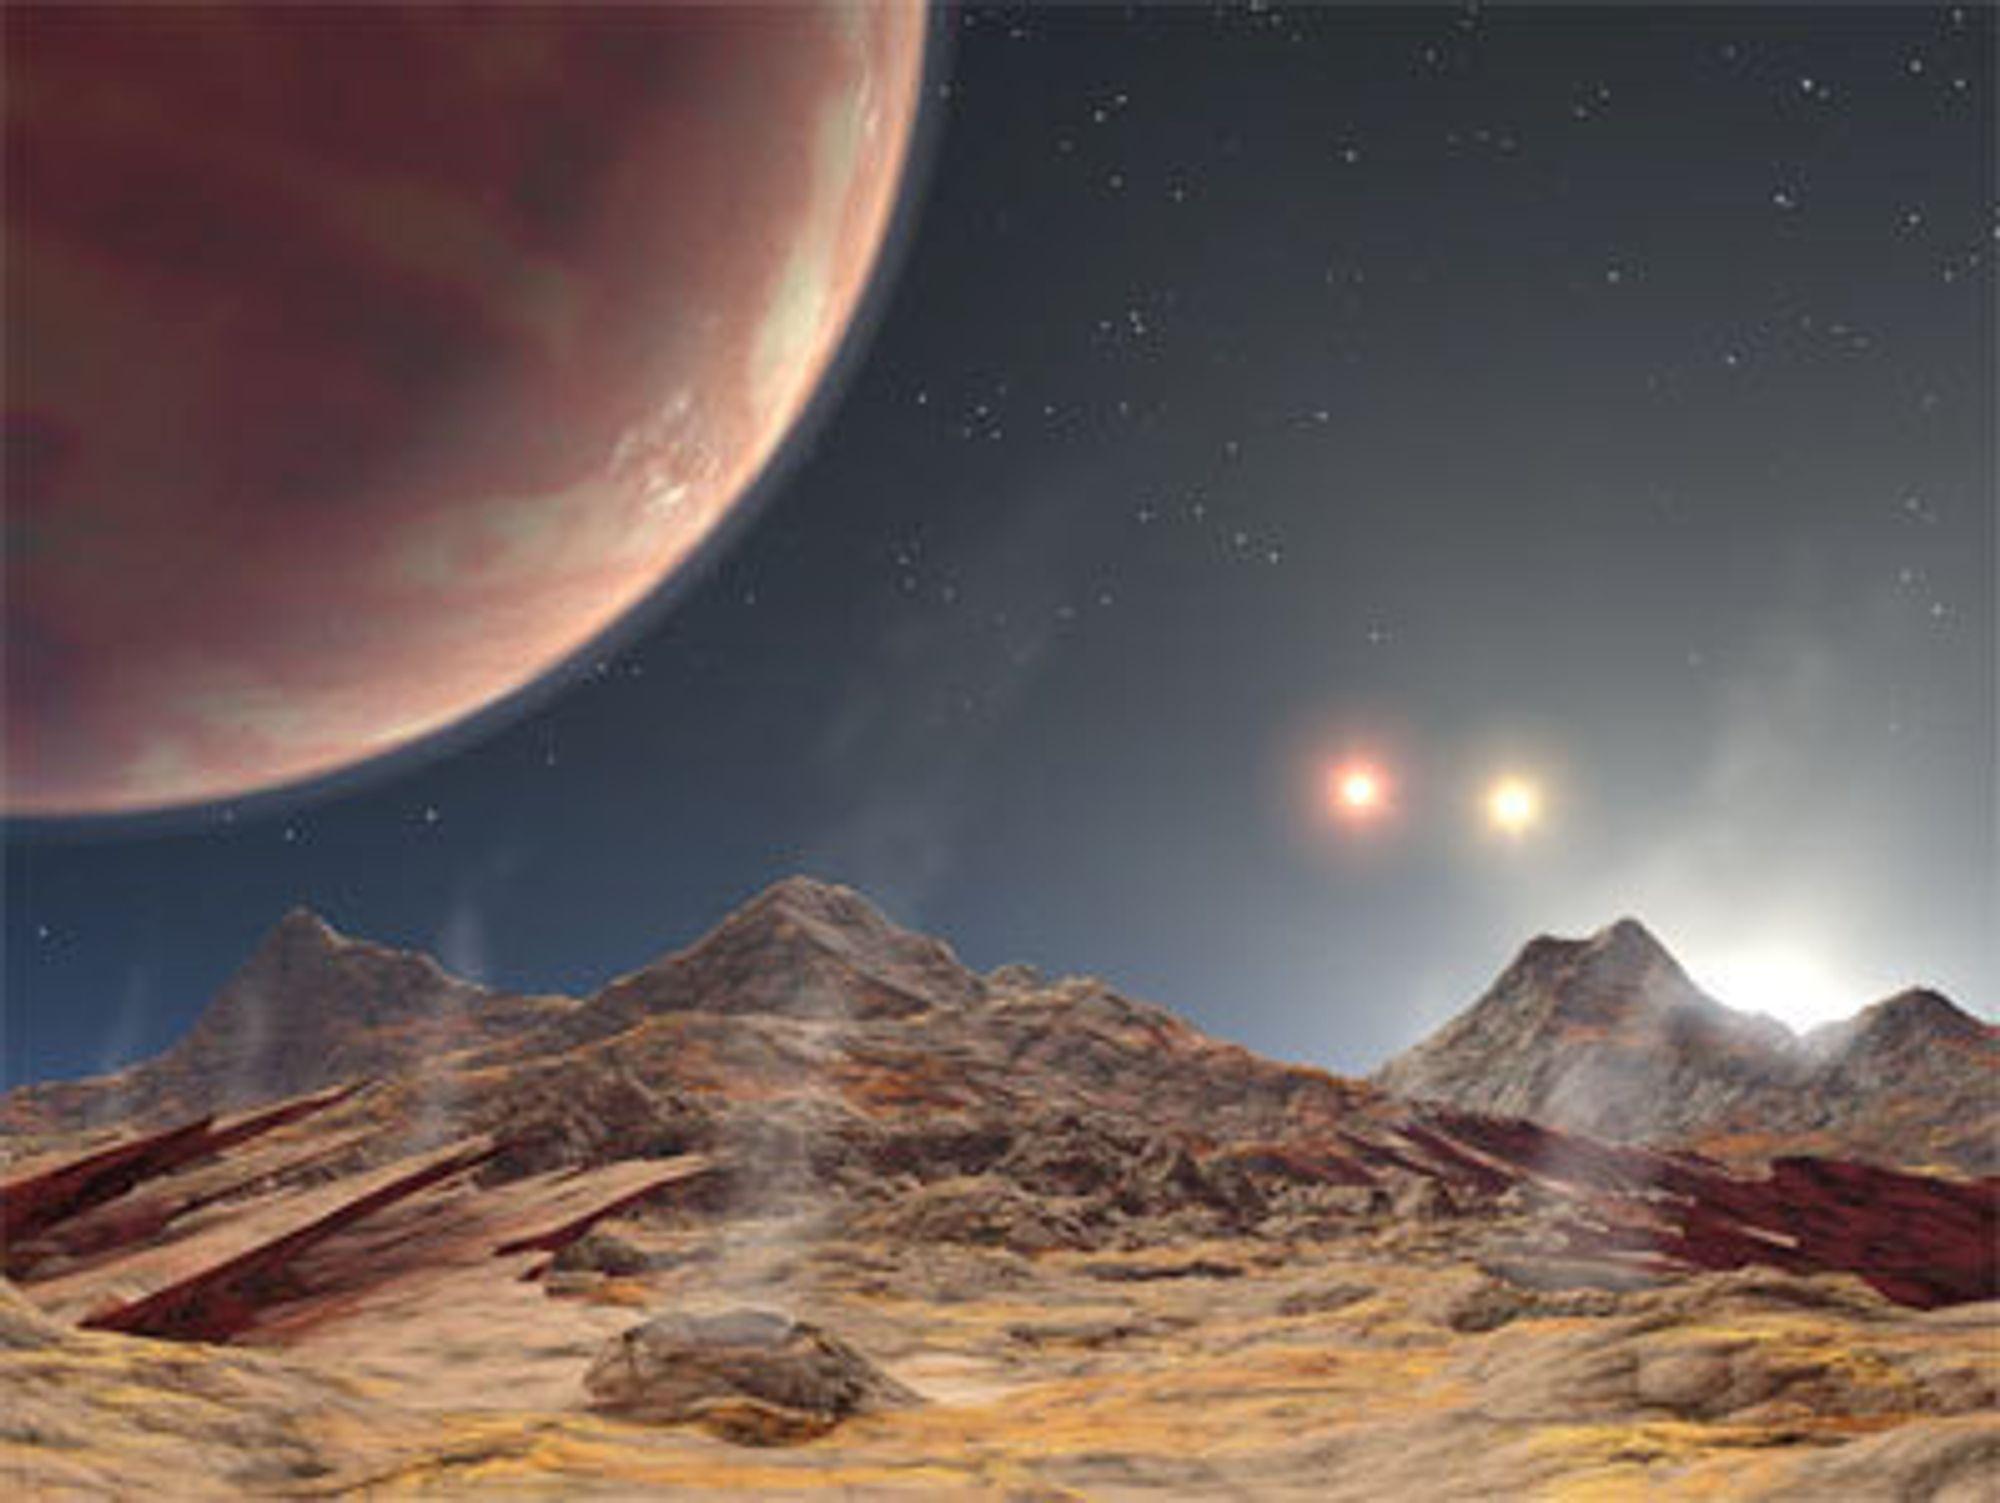 Planeten med de tre soler, sett fra en tenkt måne i bane rundt planeten. To soler sees klart, mens den tredje er på vei opp til høyre.